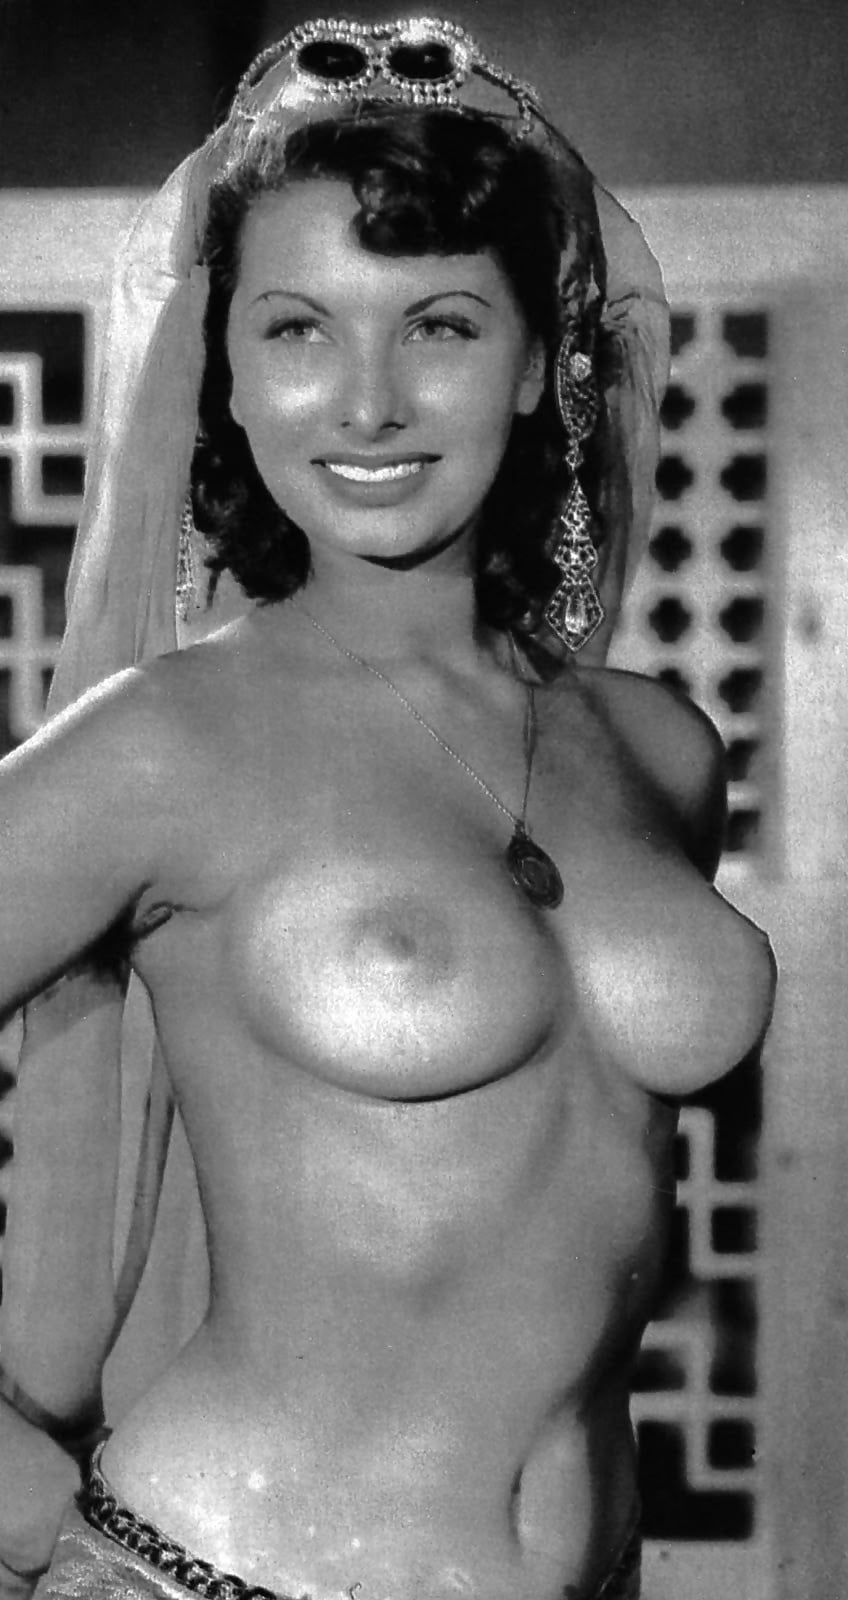 Sophia loren naked sexy vintage photos